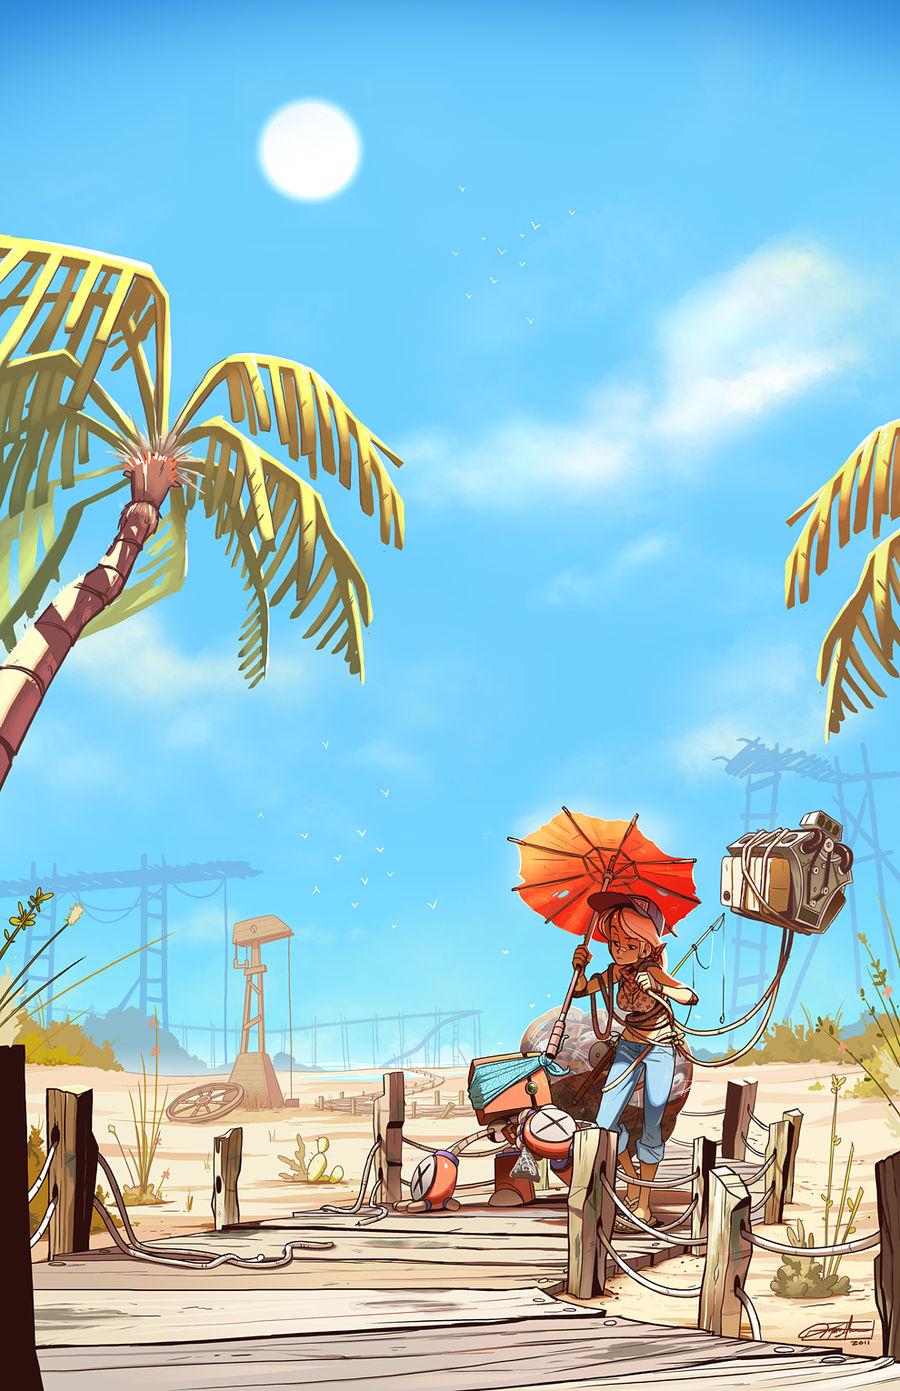 Summer by tysonhesse